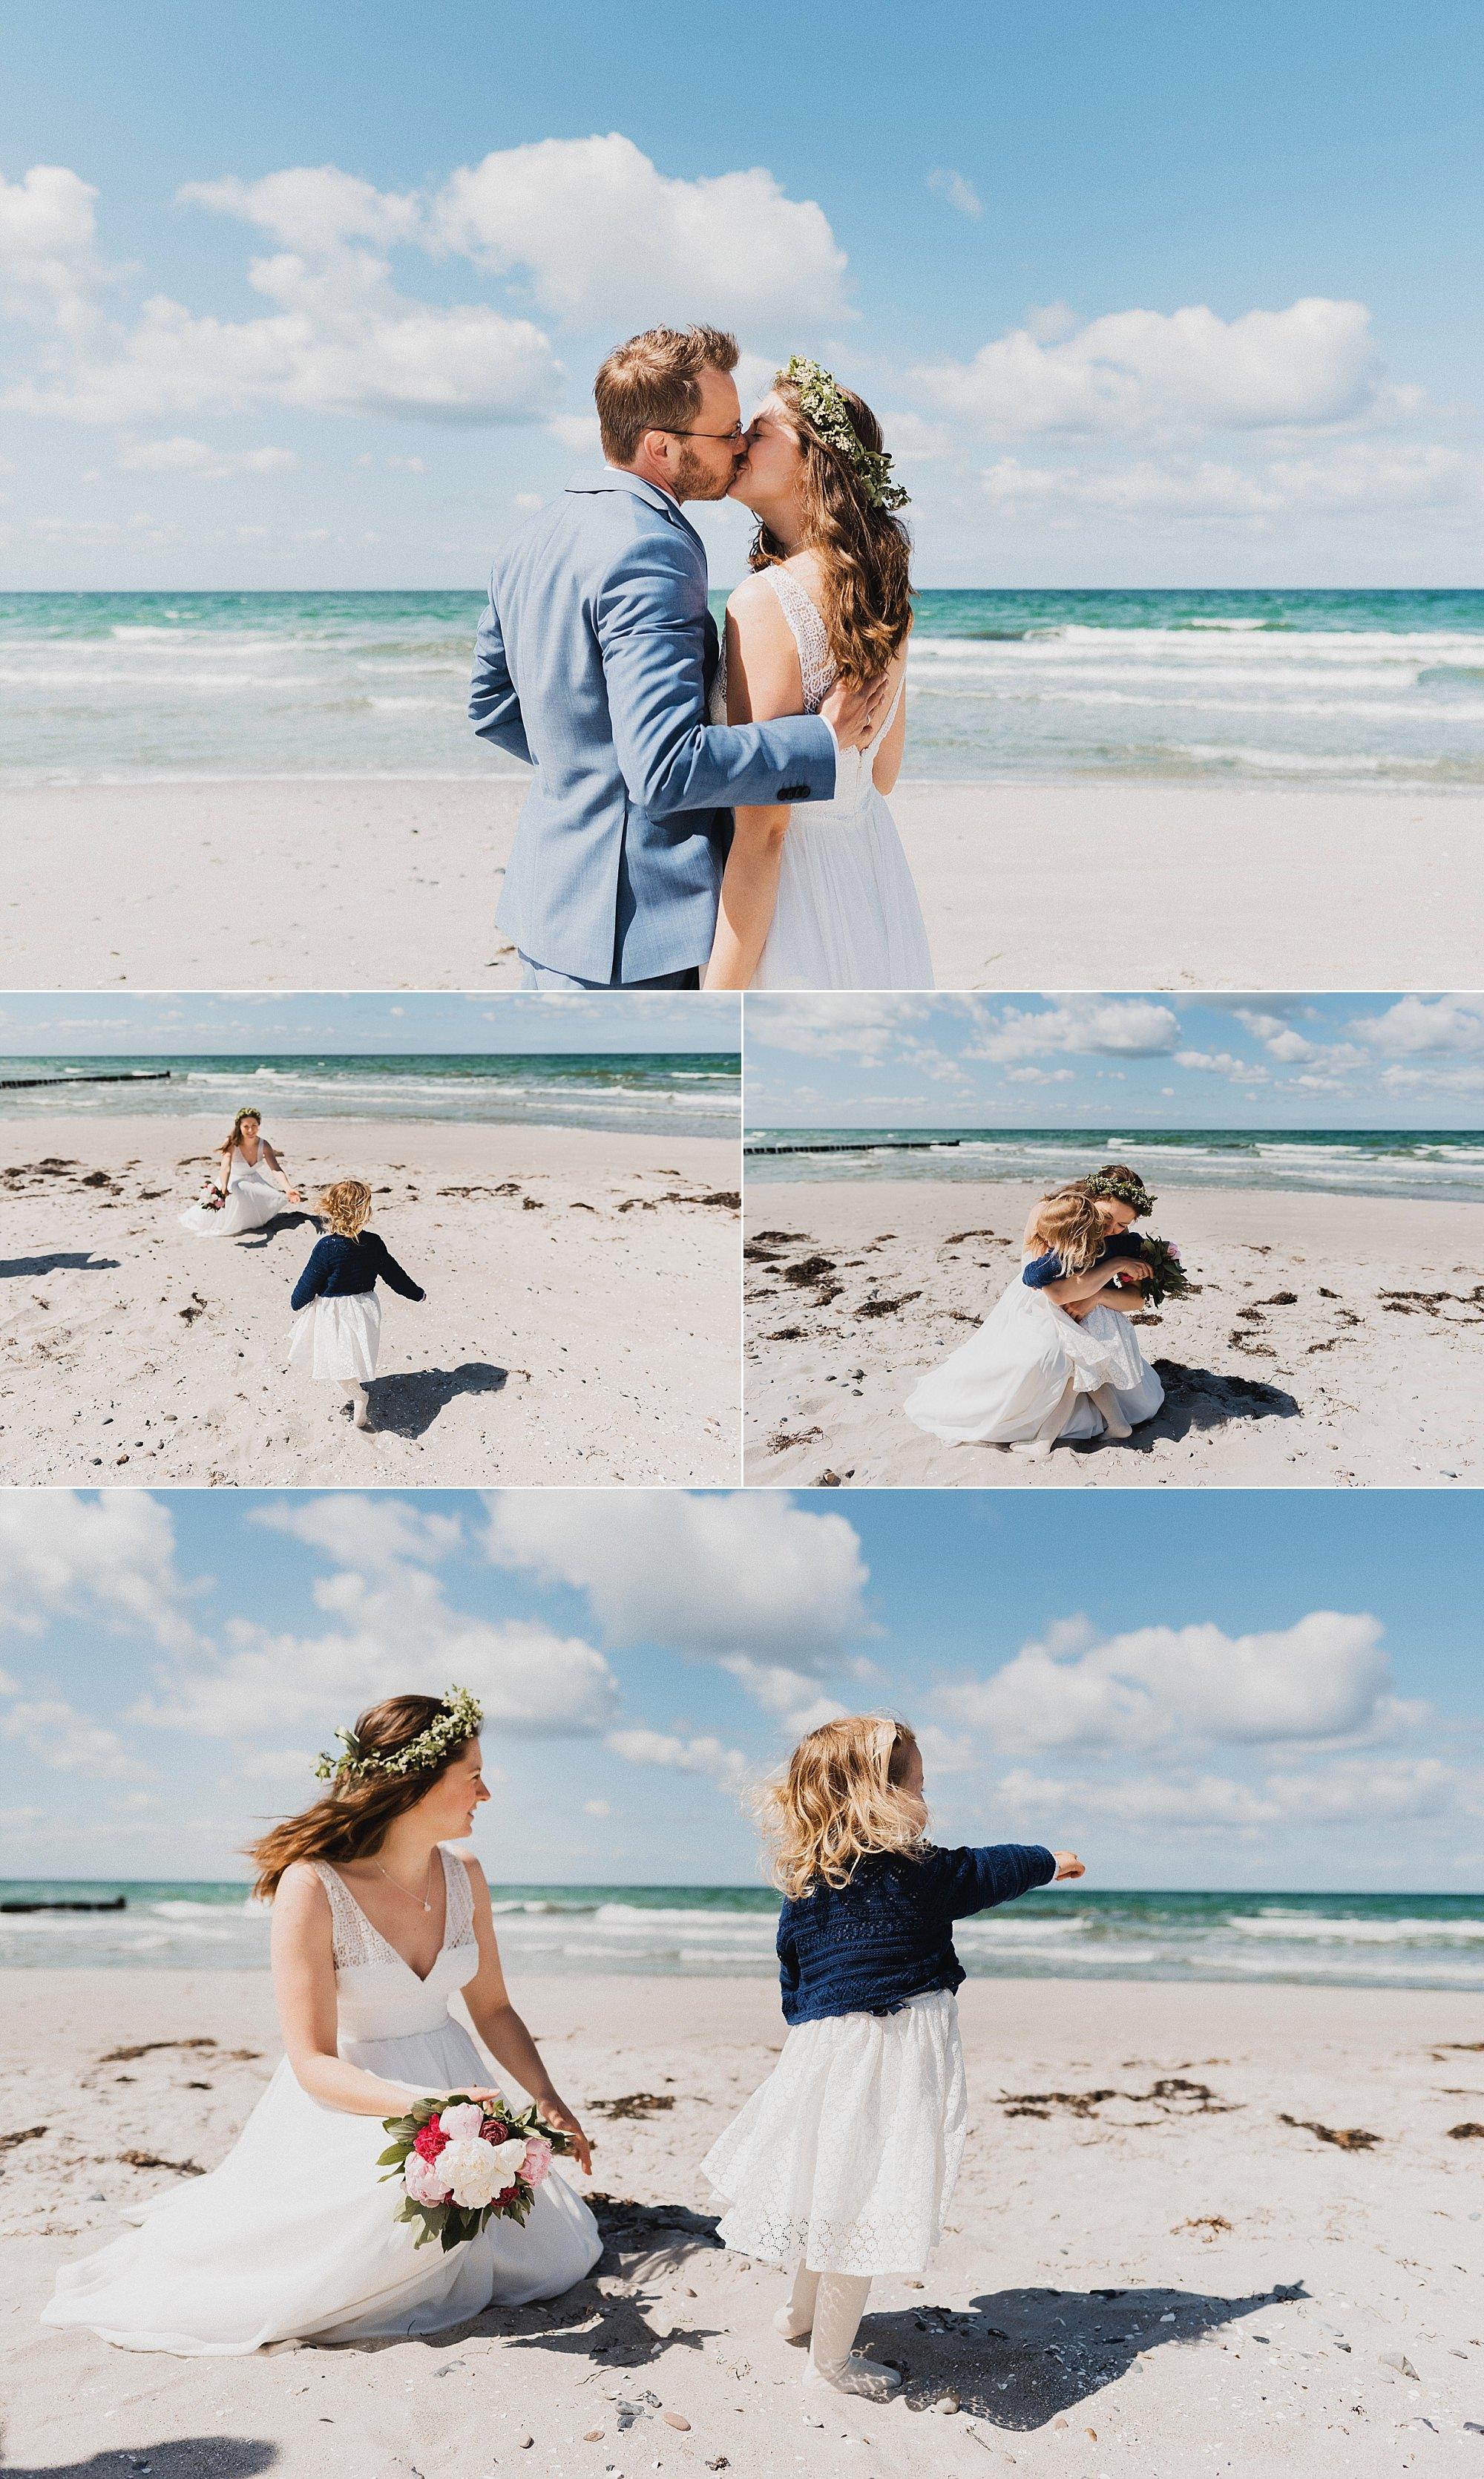 Fotograf - Hochzeit - Hiddensee - Asta Nielsen Haus - freie Trauung - Strand - Ostsee - Vitte